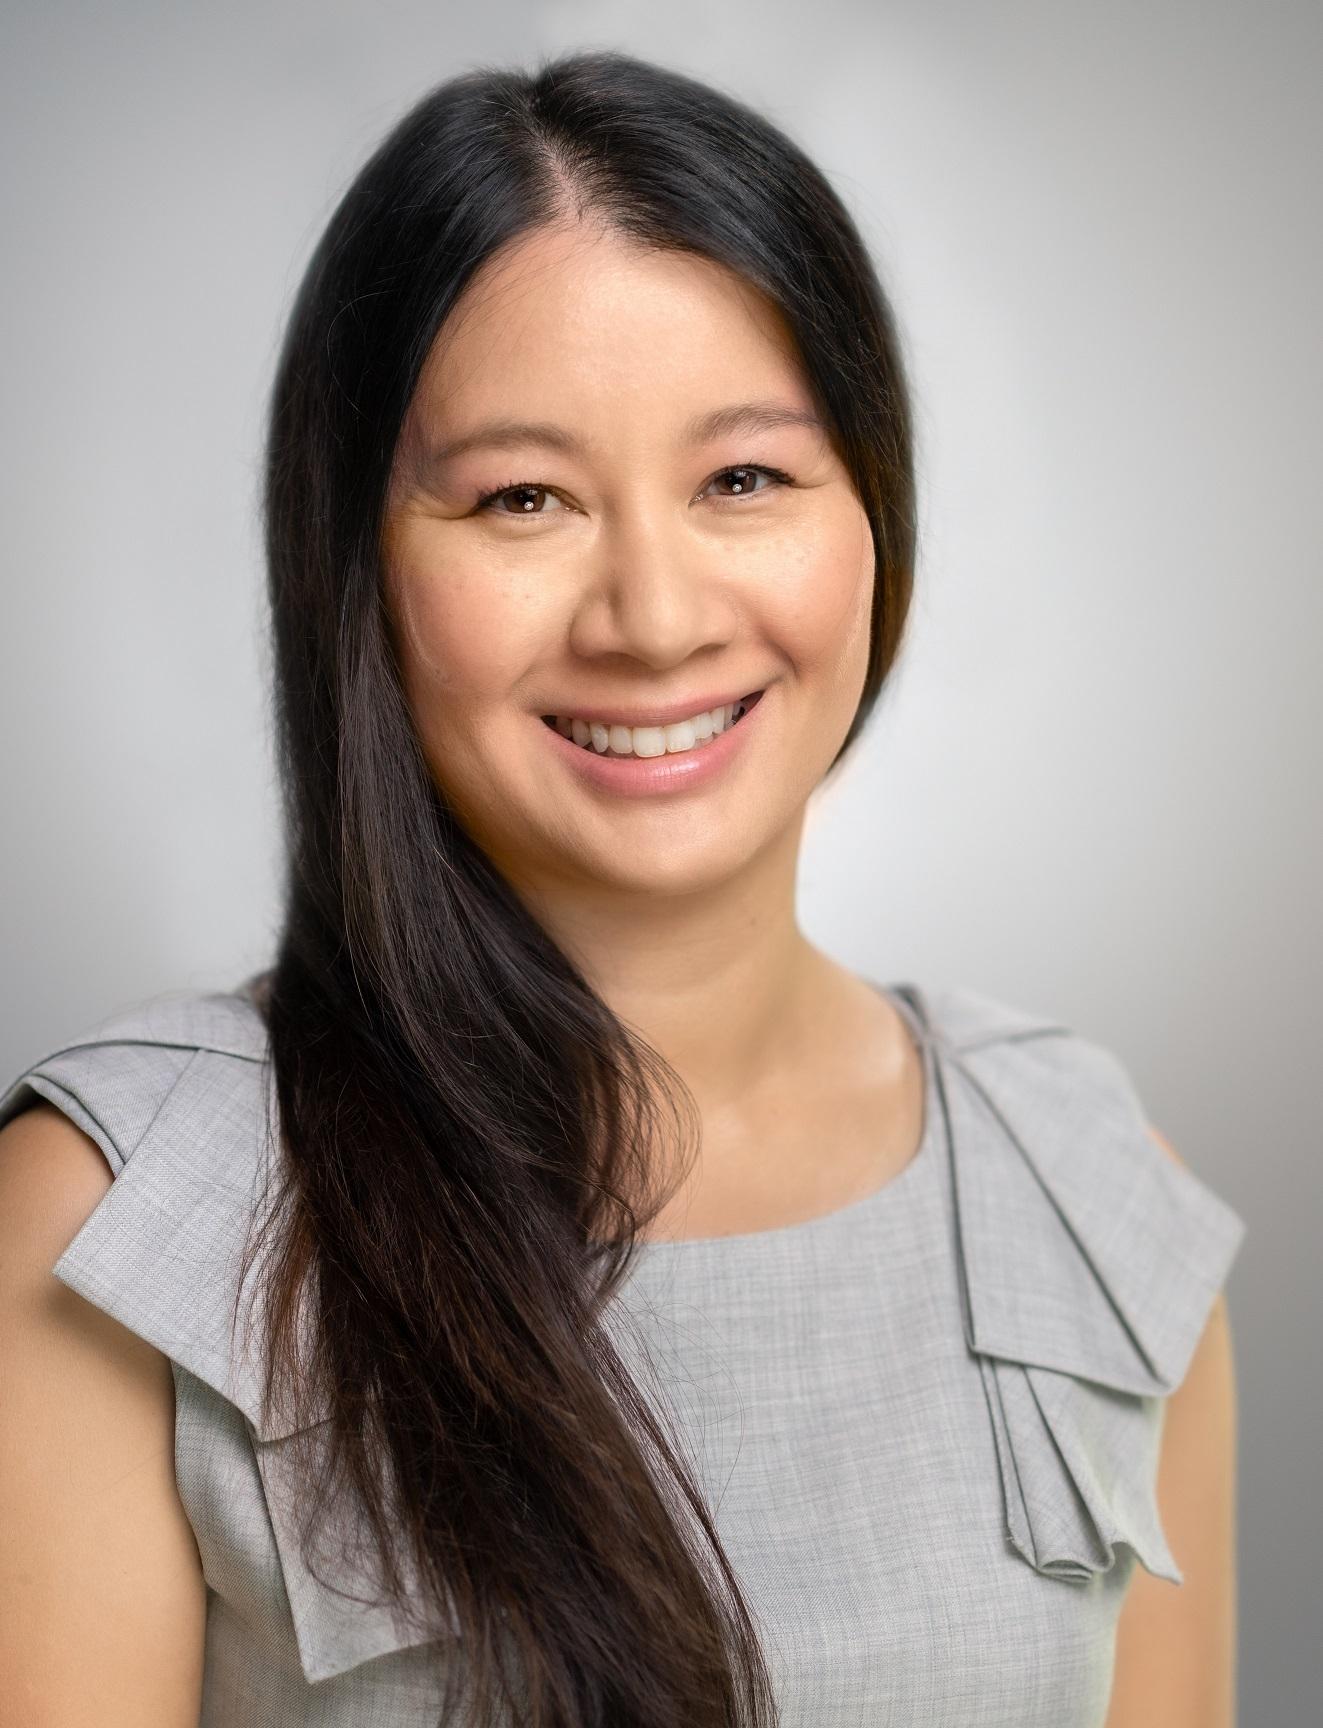 Dr. Jenny Cheng